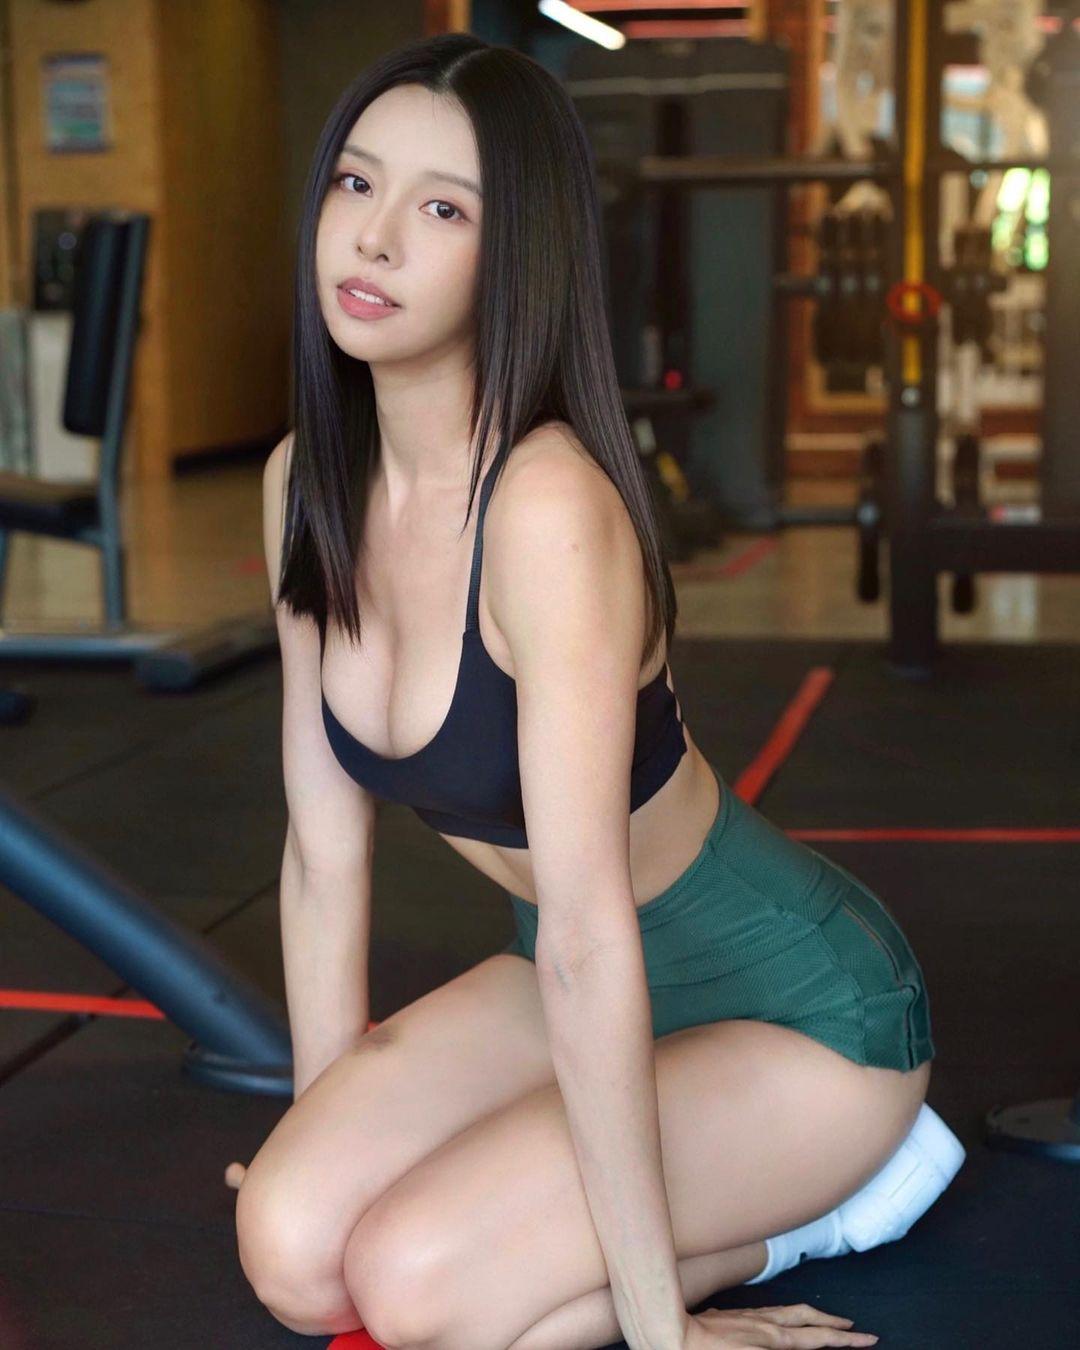 性感鋼琴女神李元玲暴瘦至見骨 網友:似被家暴